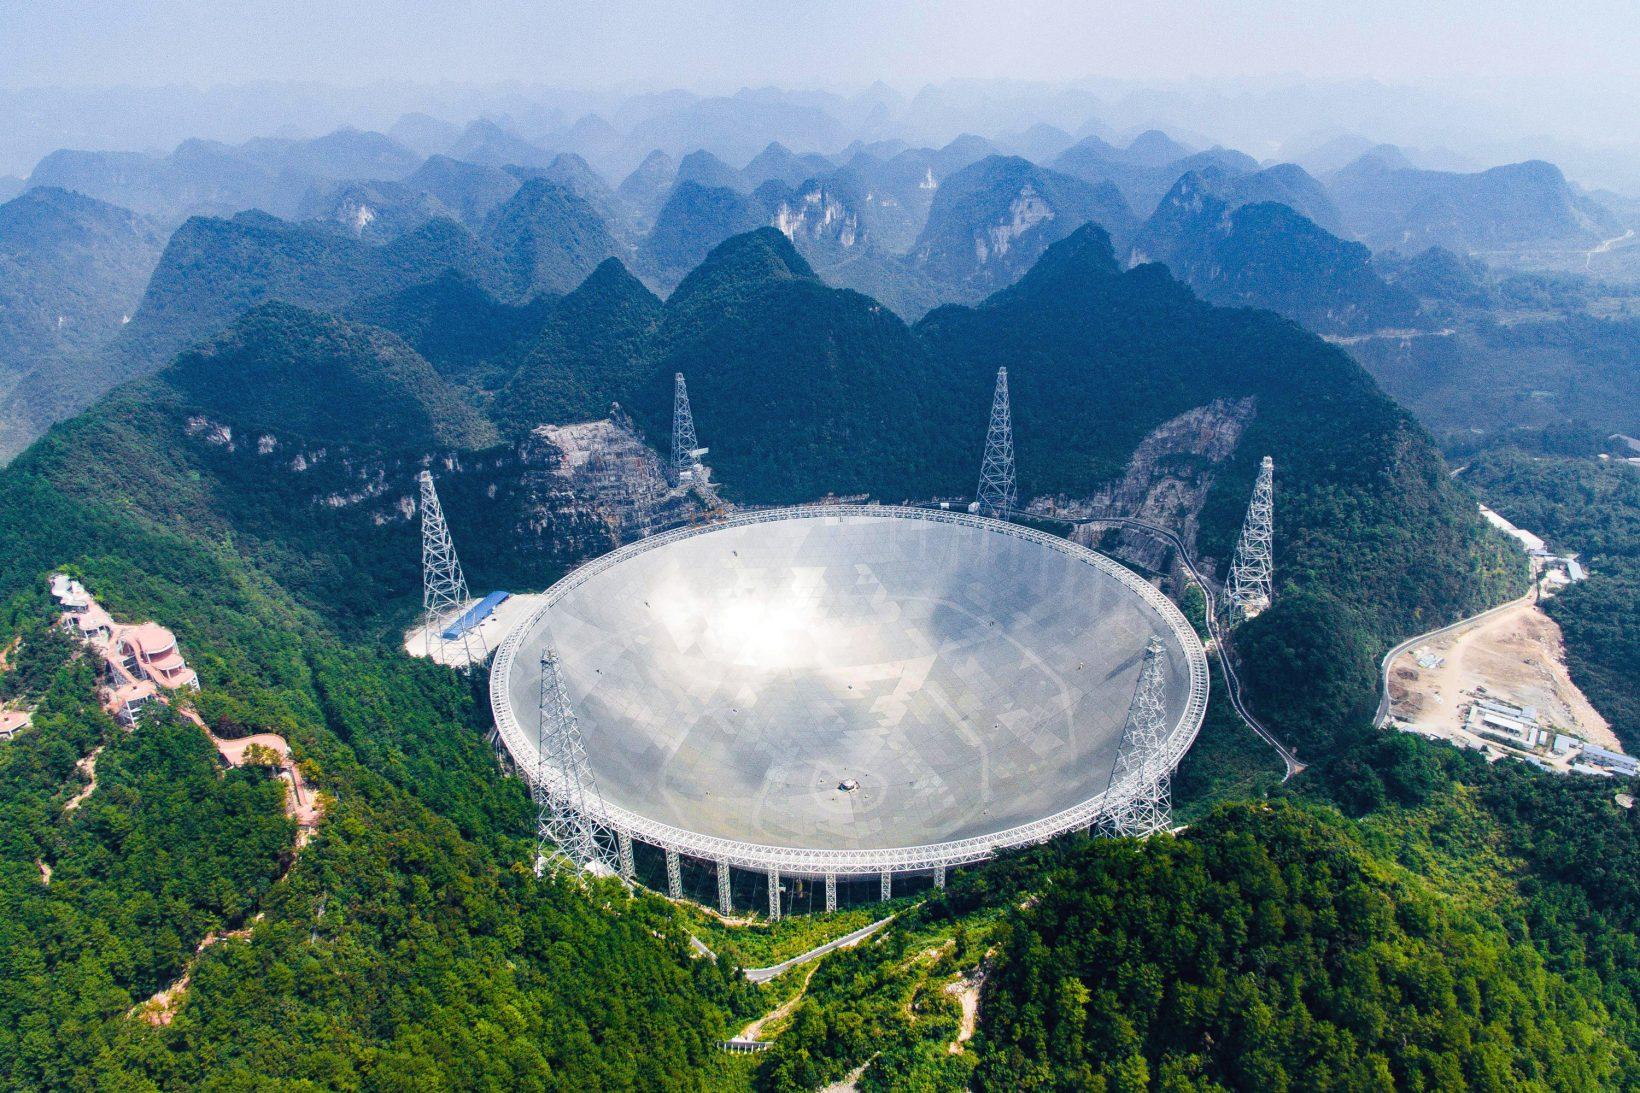 Китай развернул к небу самый большой в мире телескоп. И неспроста — он ждёт, что из бездны посмотрят в ответ